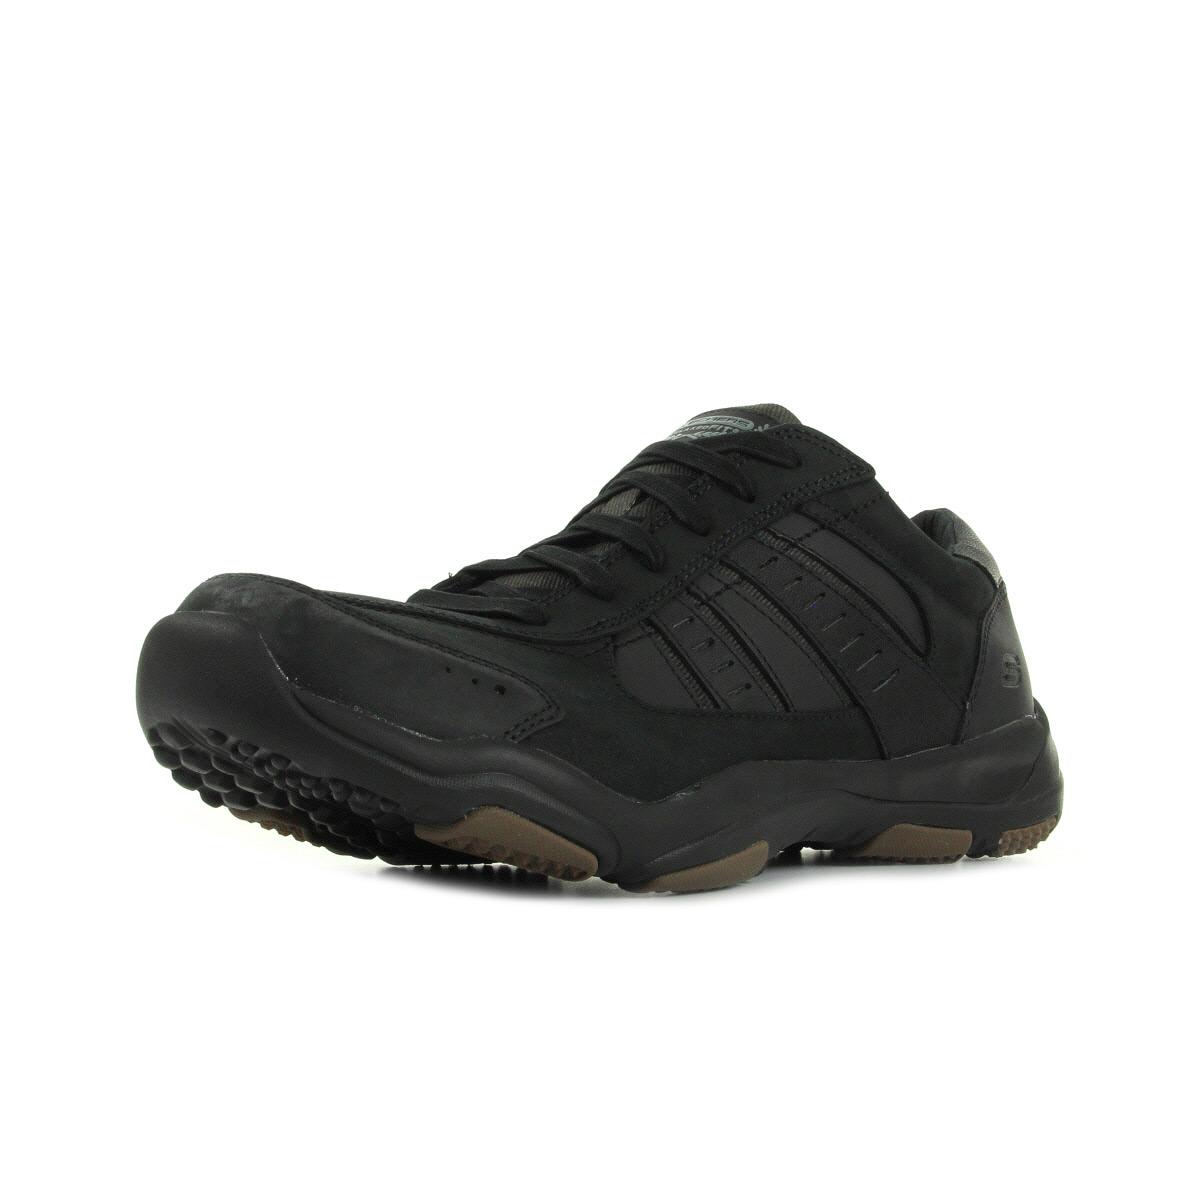 skechers larson nerick 64833blk chaussures homme homme. Black Bedroom Furniture Sets. Home Design Ideas